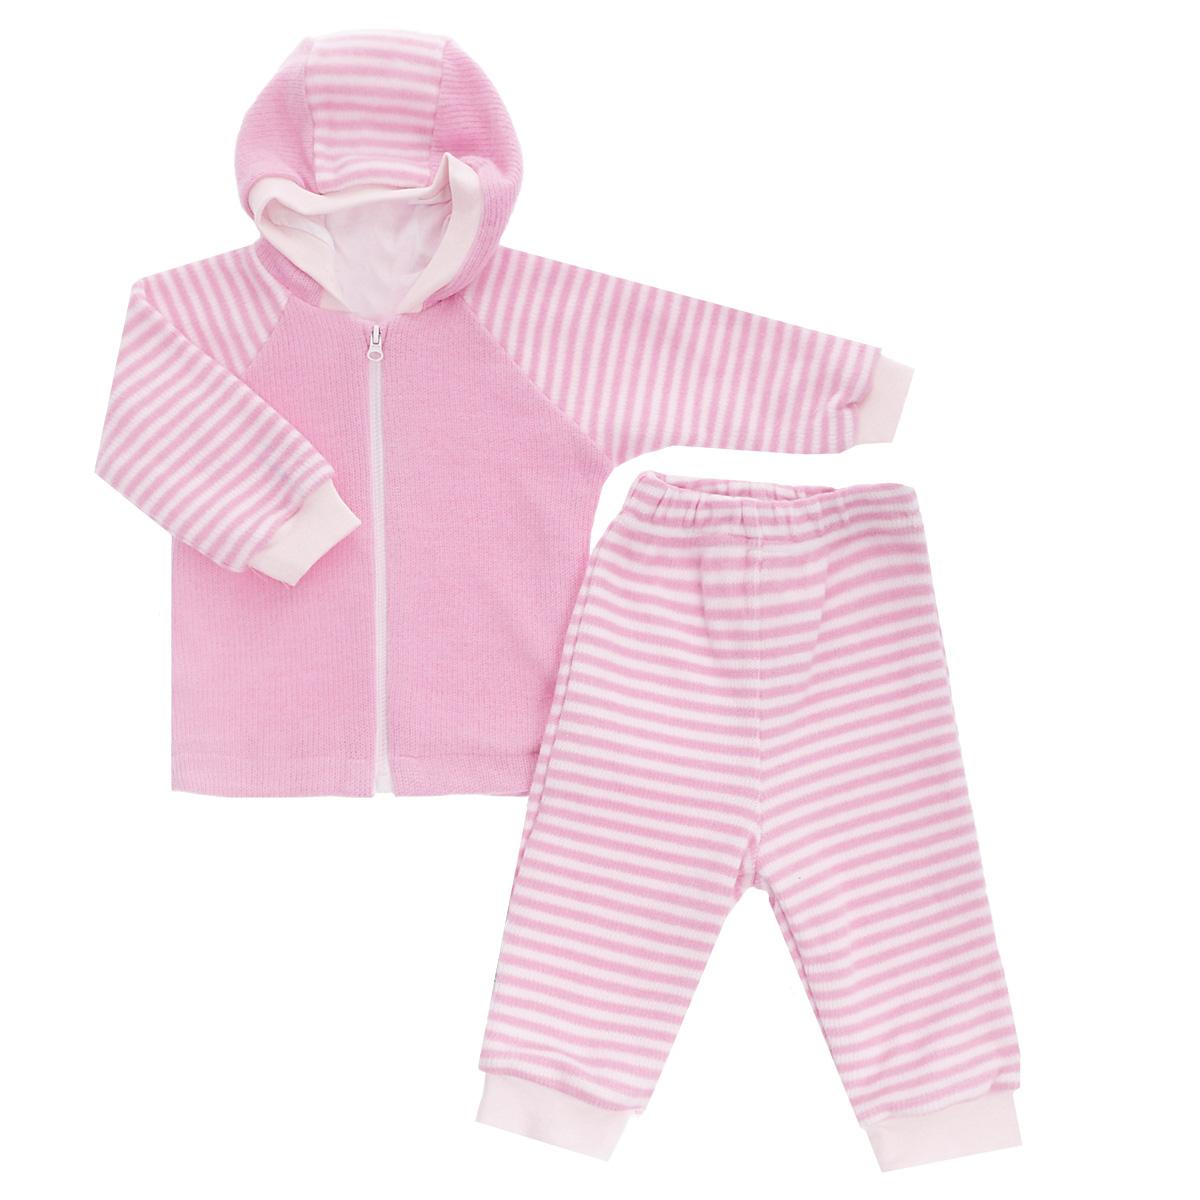 Комплект детский Lucky Child: кофта, брюки, цвет: розовый, белая полоска. 4-15. Размер 62/68